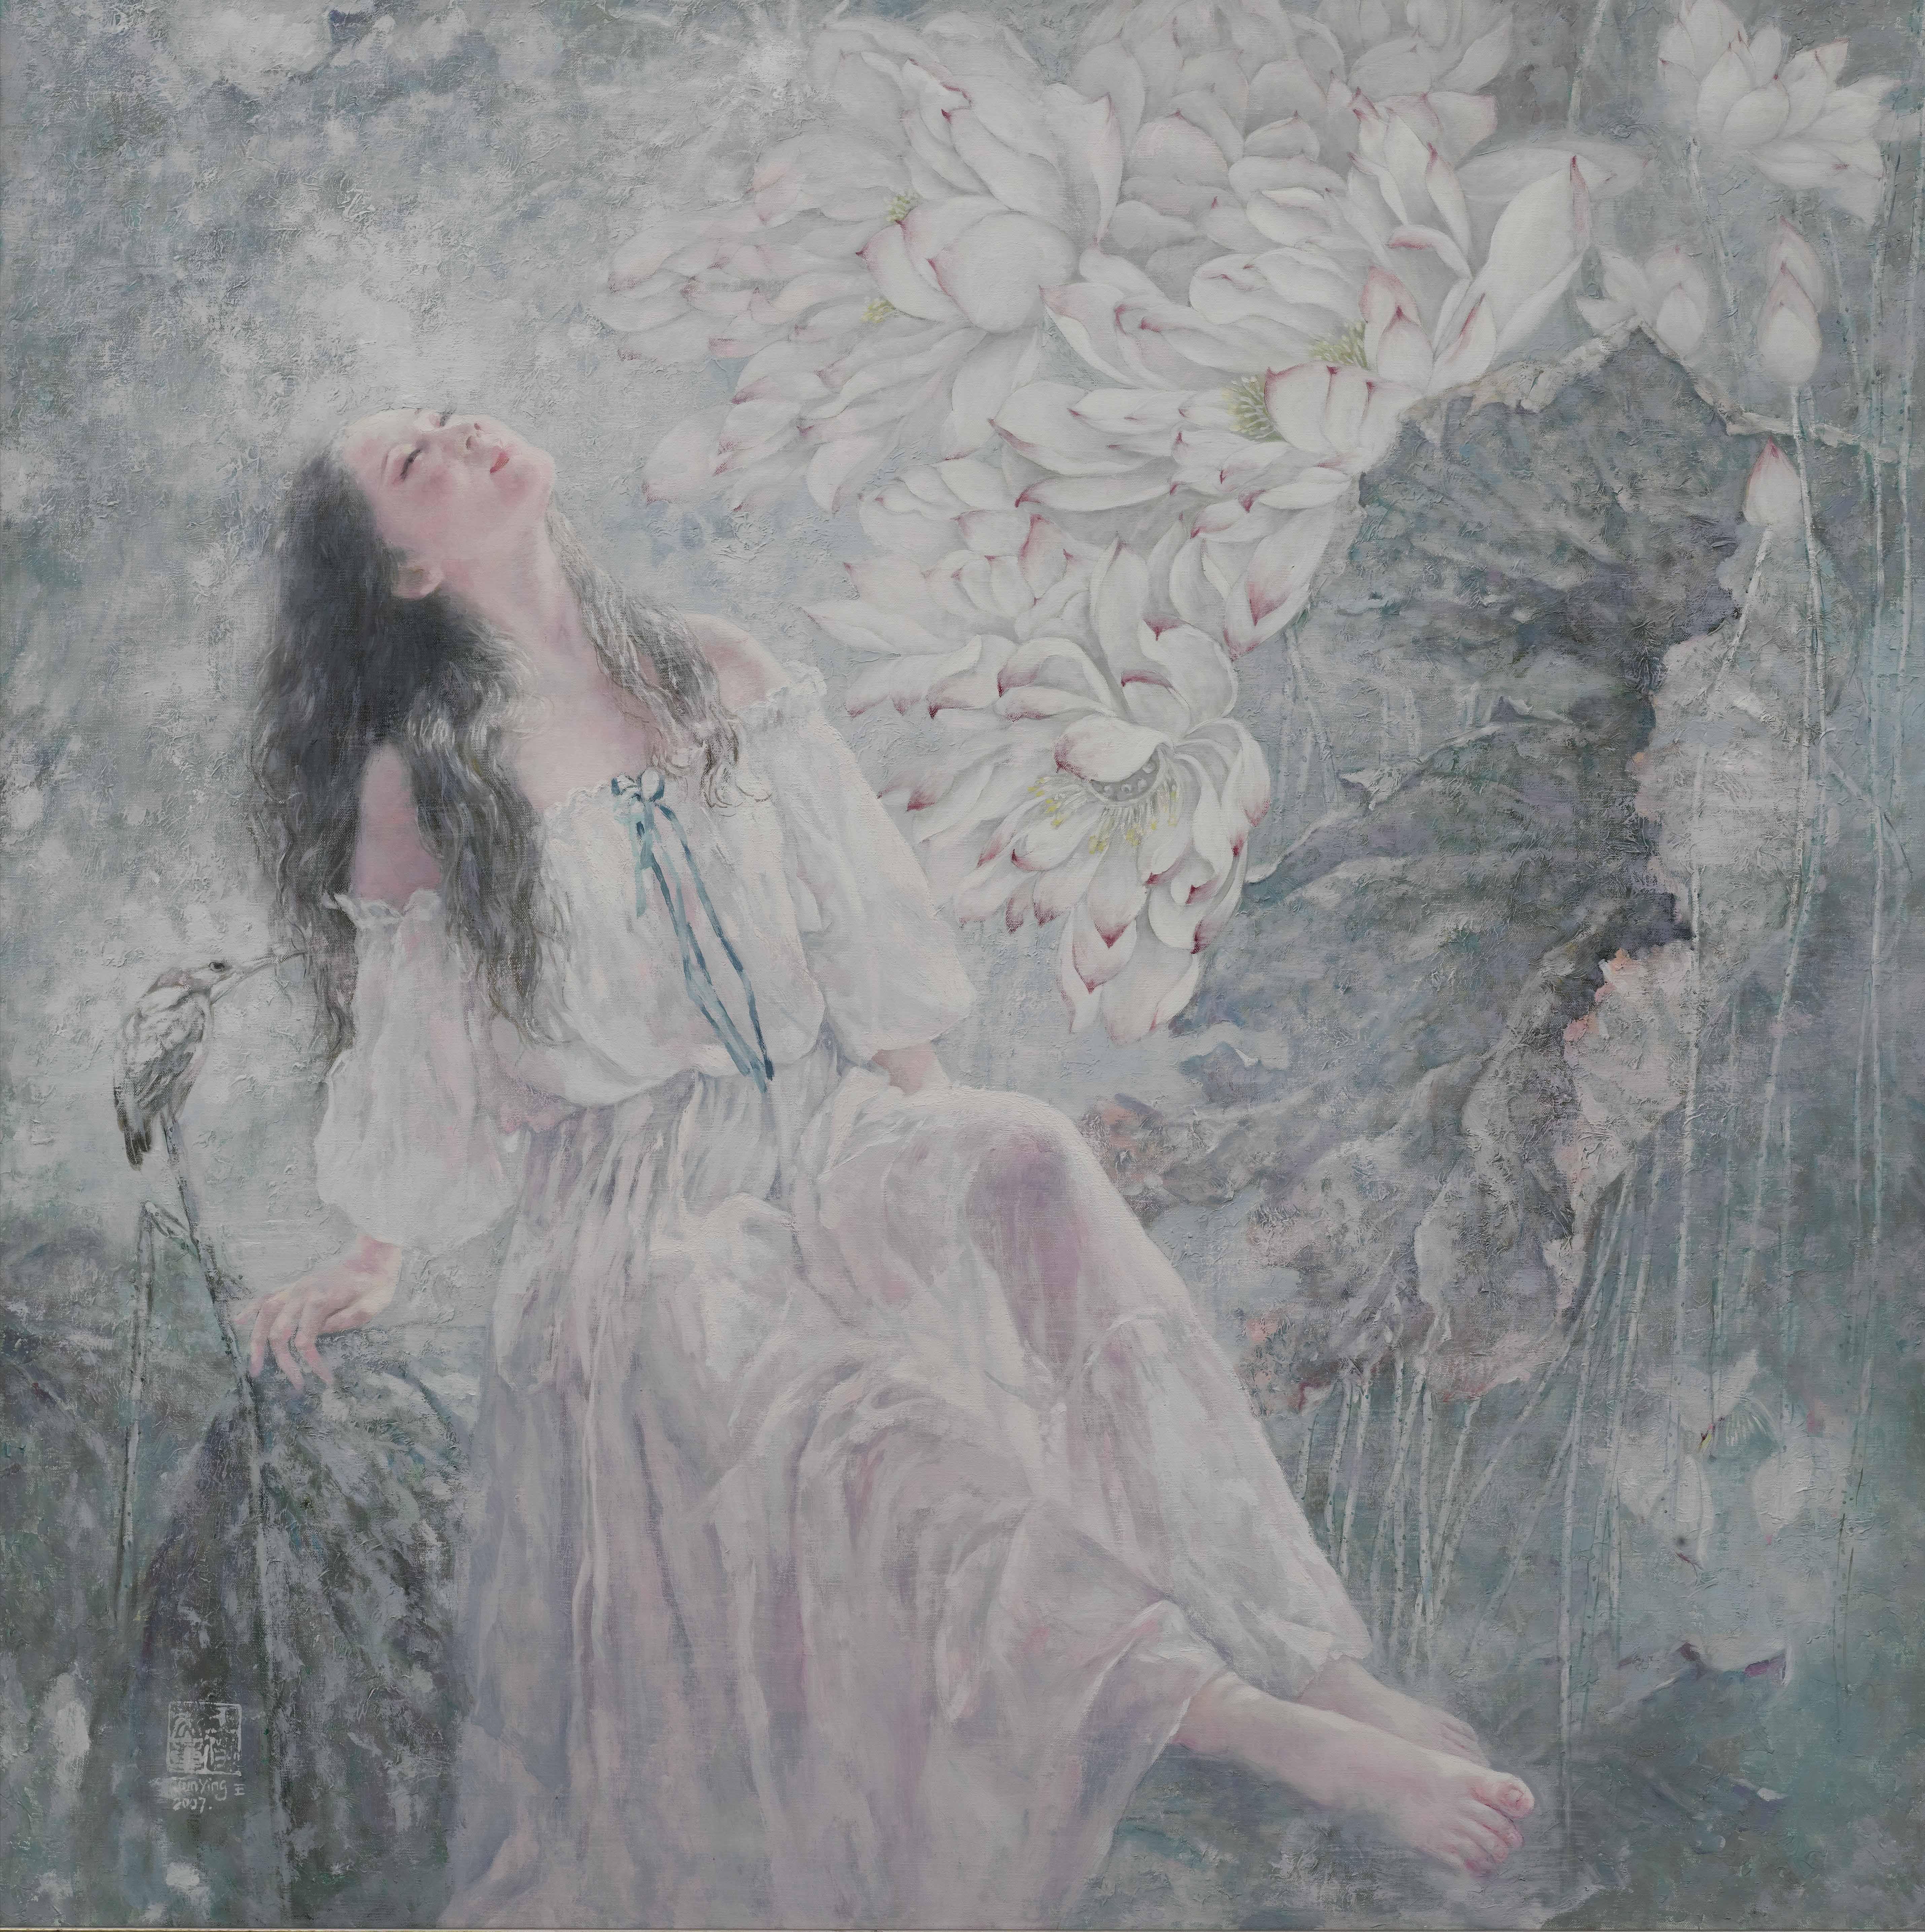 中国当代著名油画家「王俊英」与她的「艺术之路」